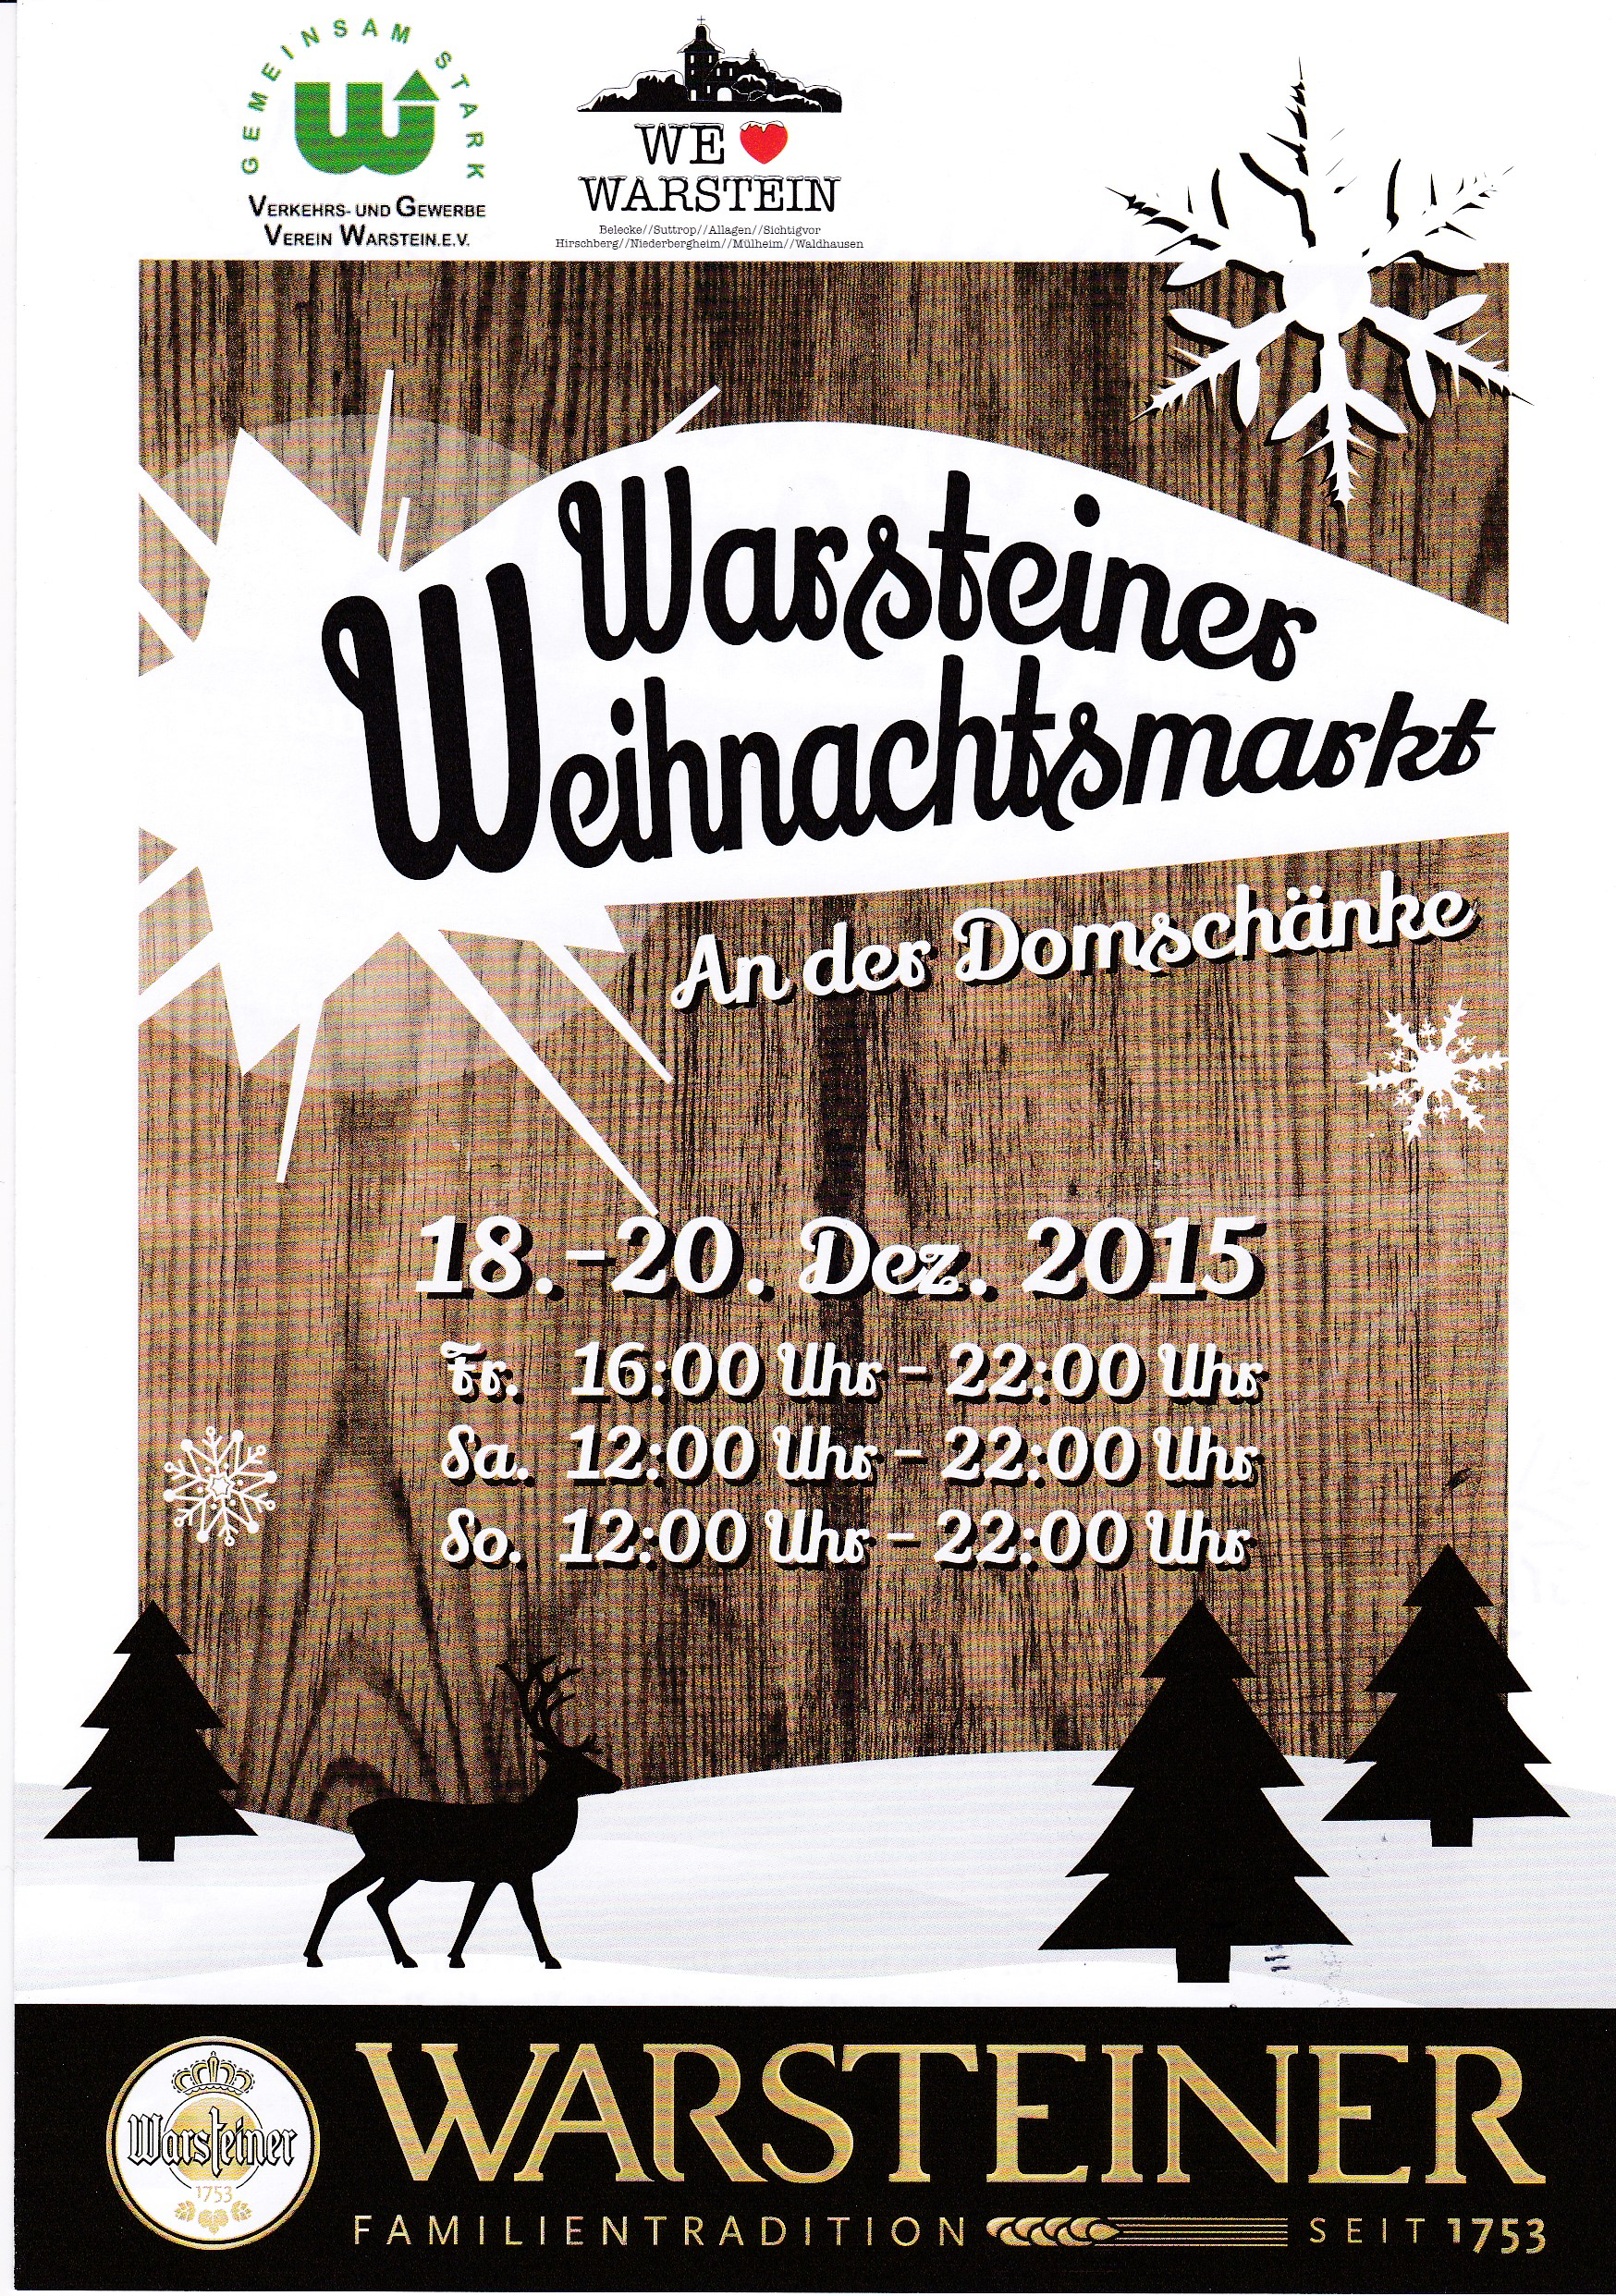 Warsteiner Weihnachtsmarkt 2015